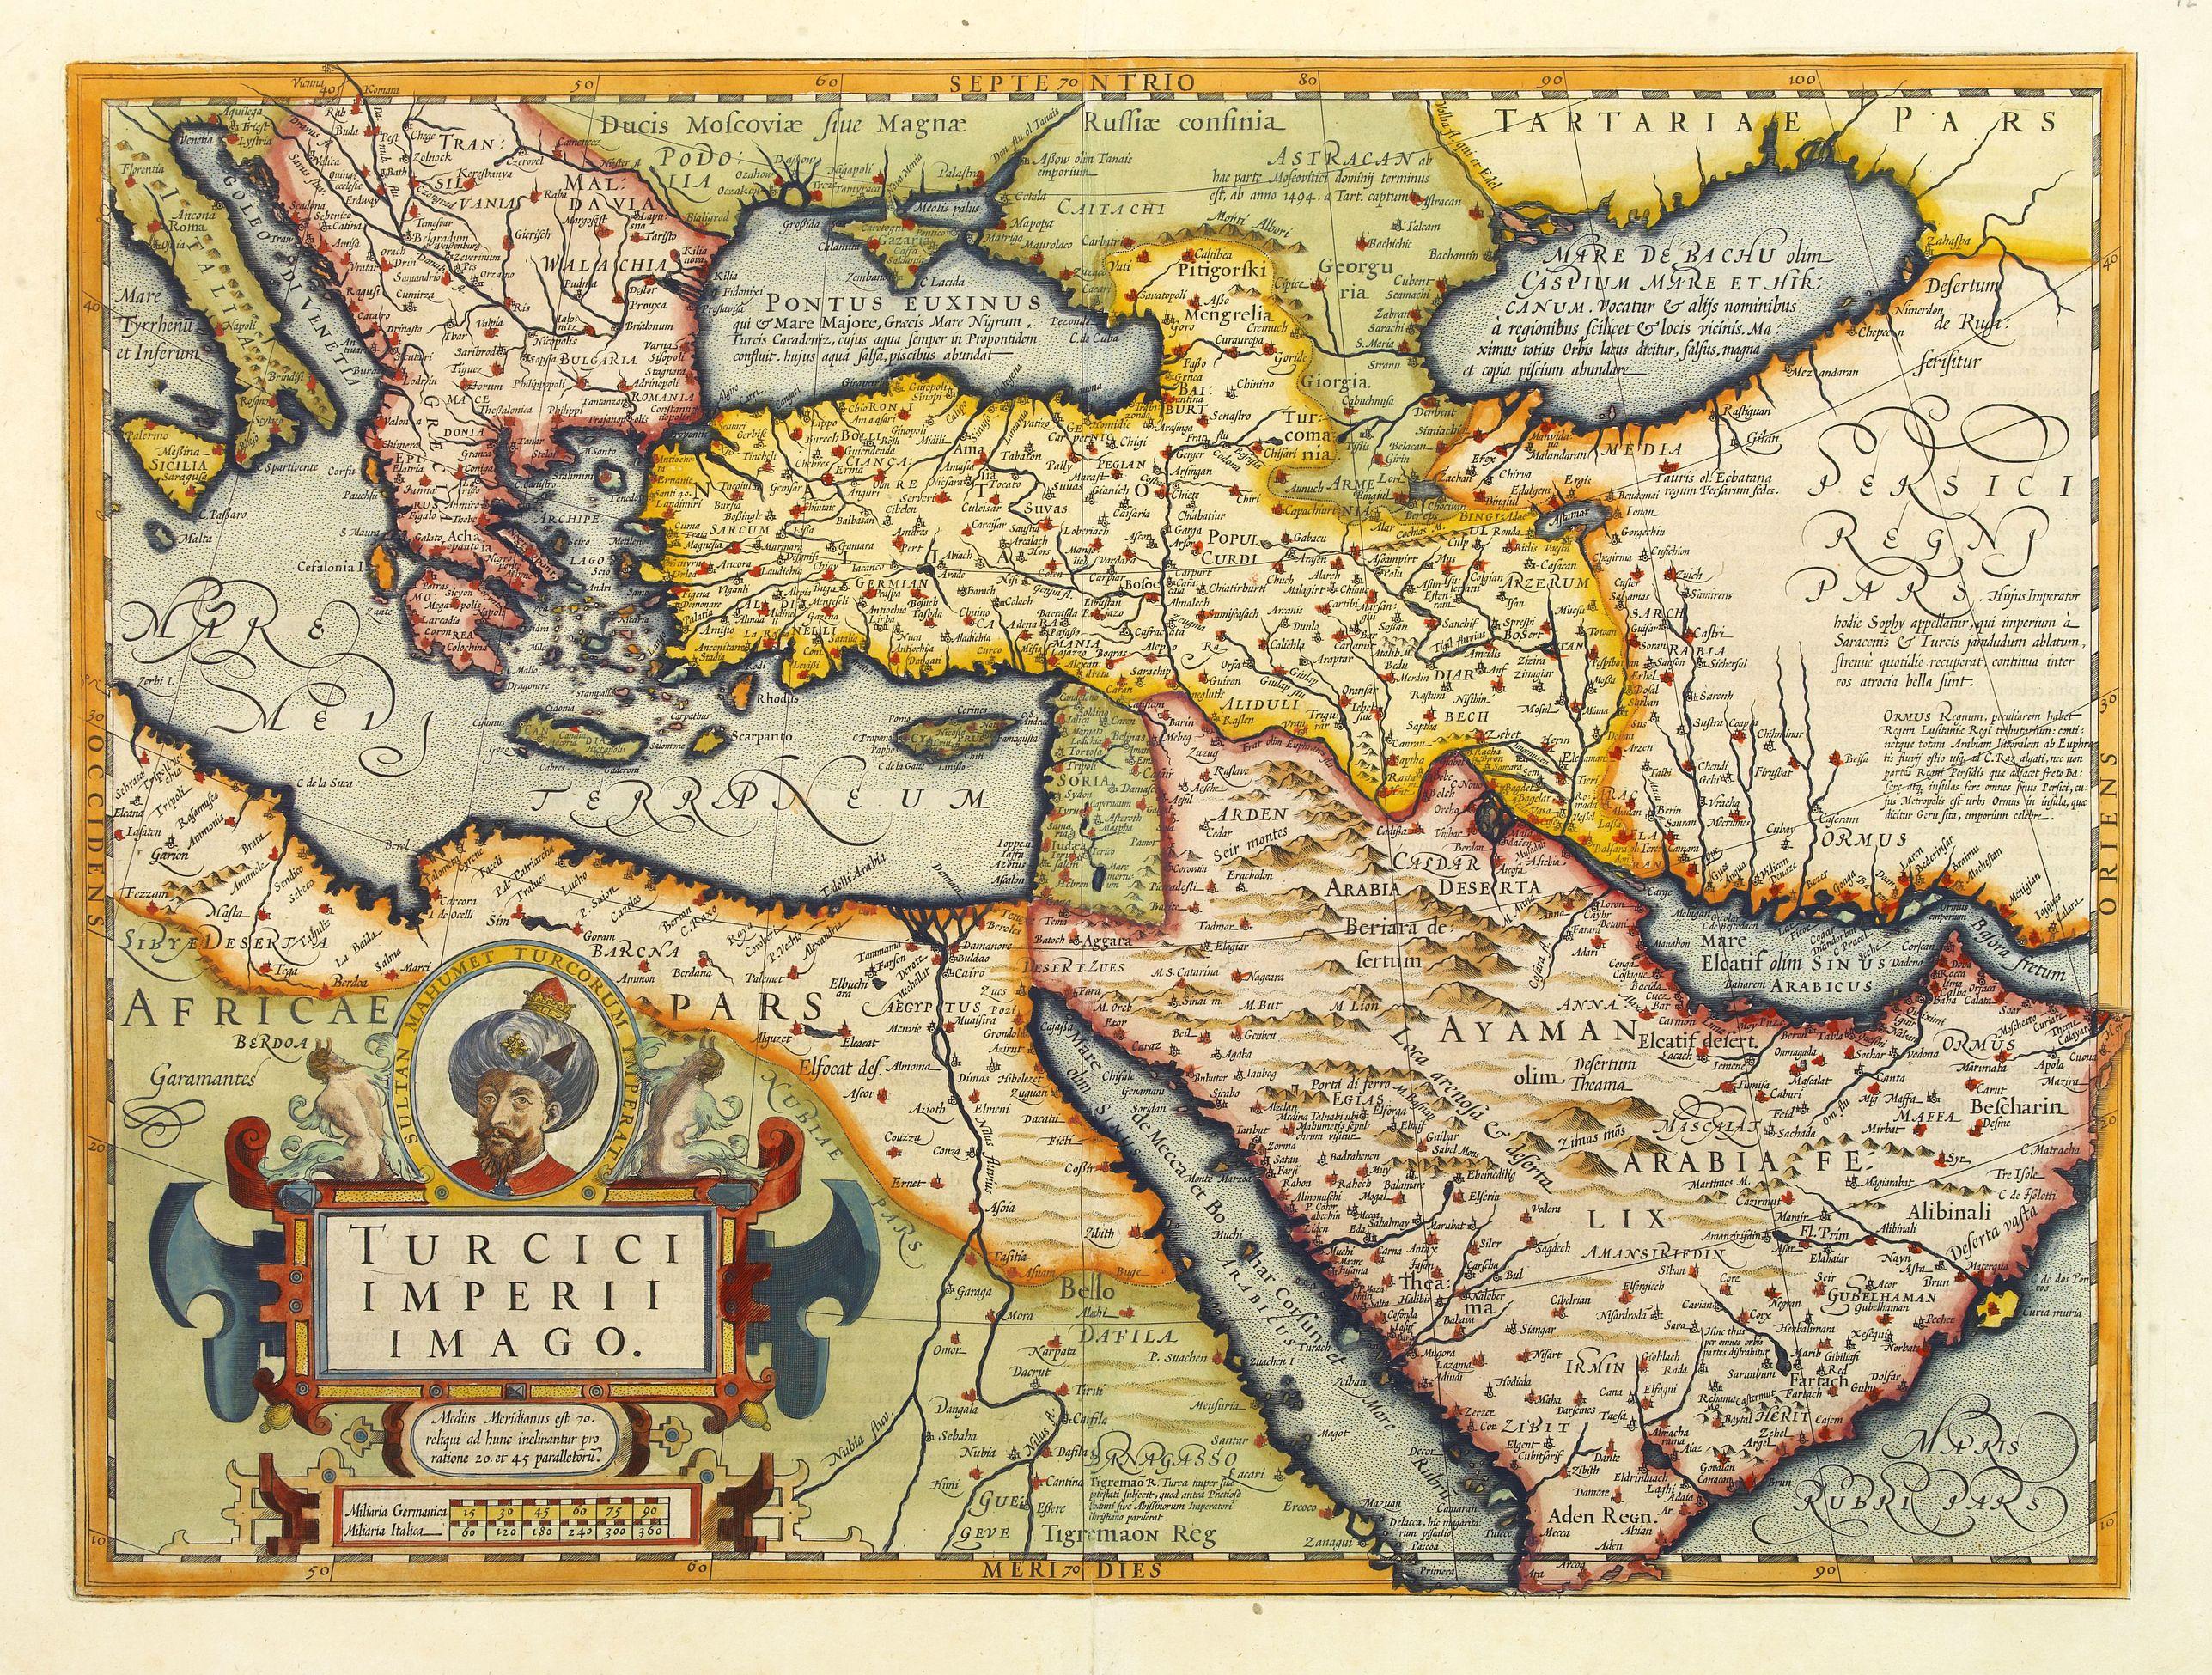 MERCATOR, G. / HONDIUS, J. -  Turcici Imperii Imago.